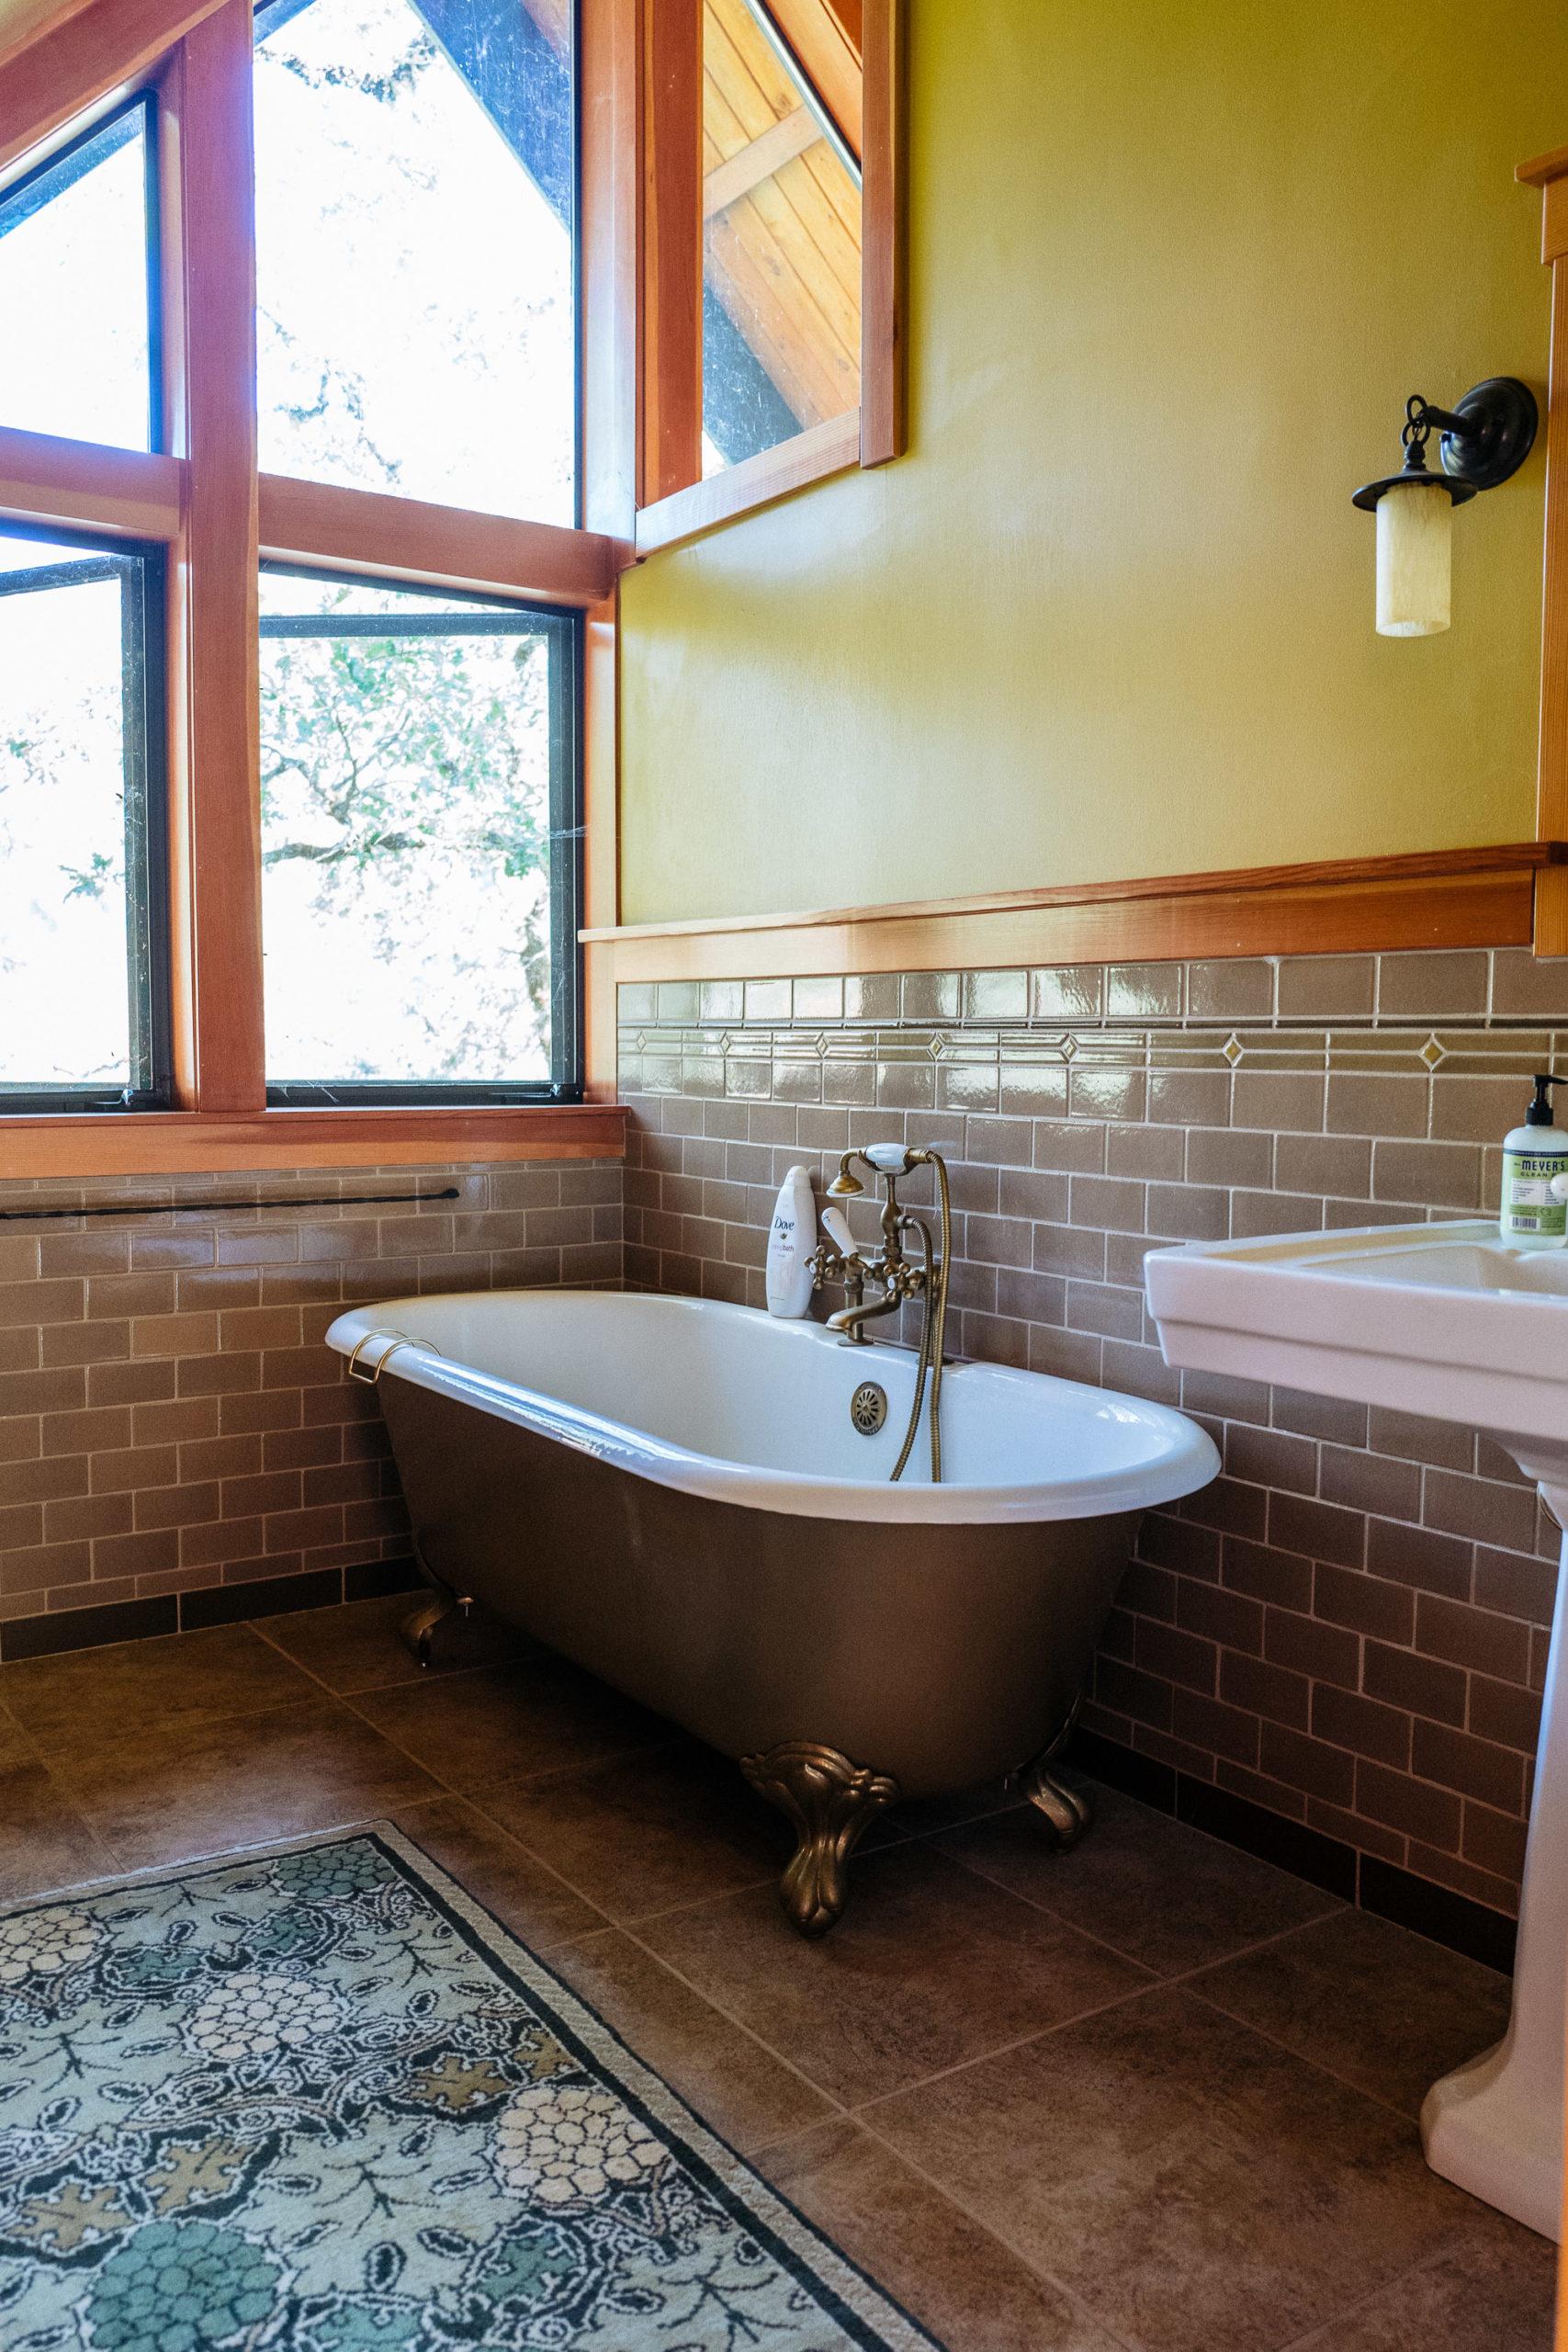 A claw footed bathtub